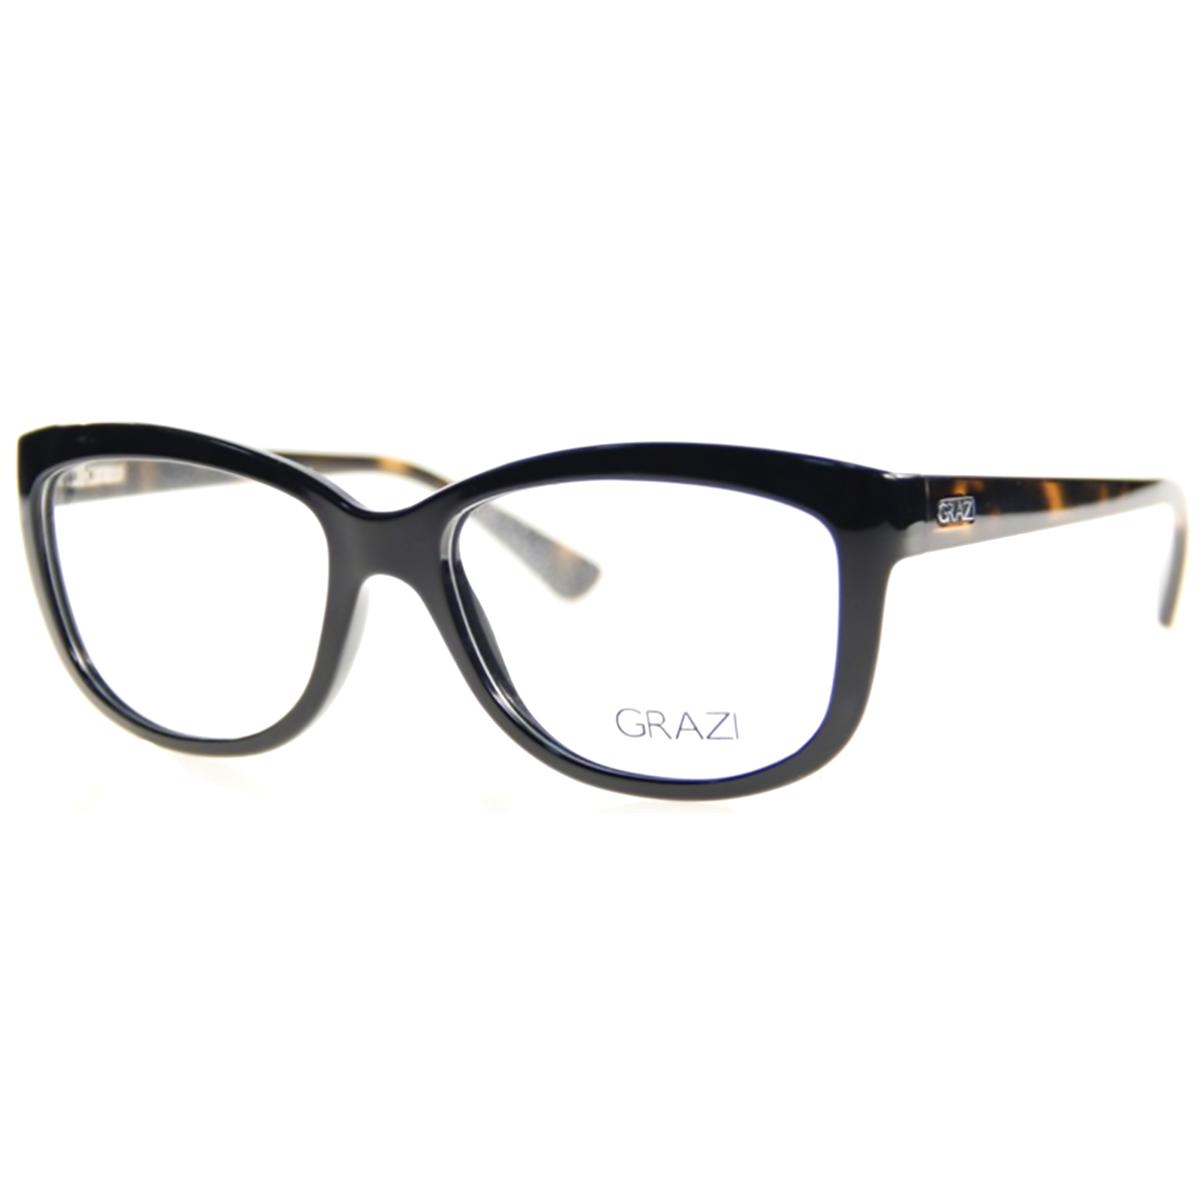 f93e0b88ad516 Compre Óculos de Grau Grazi Massafera em 10X